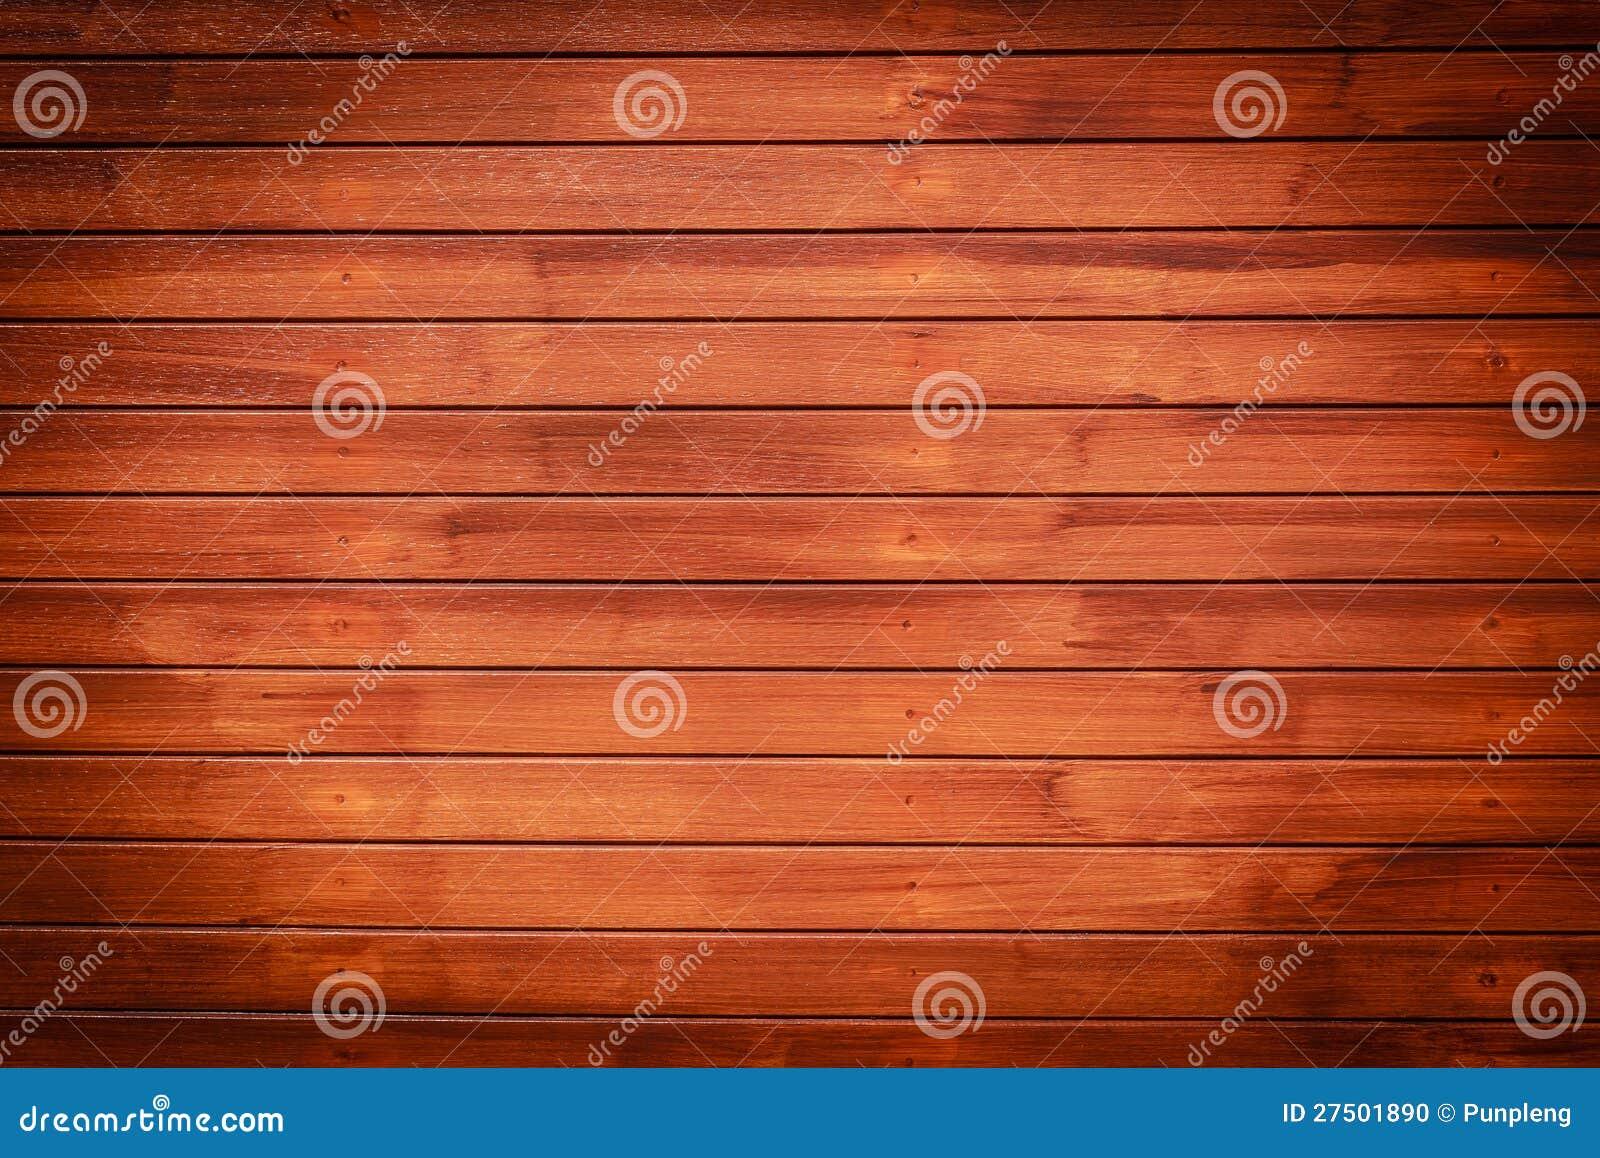 horizontal wood background - photo #33